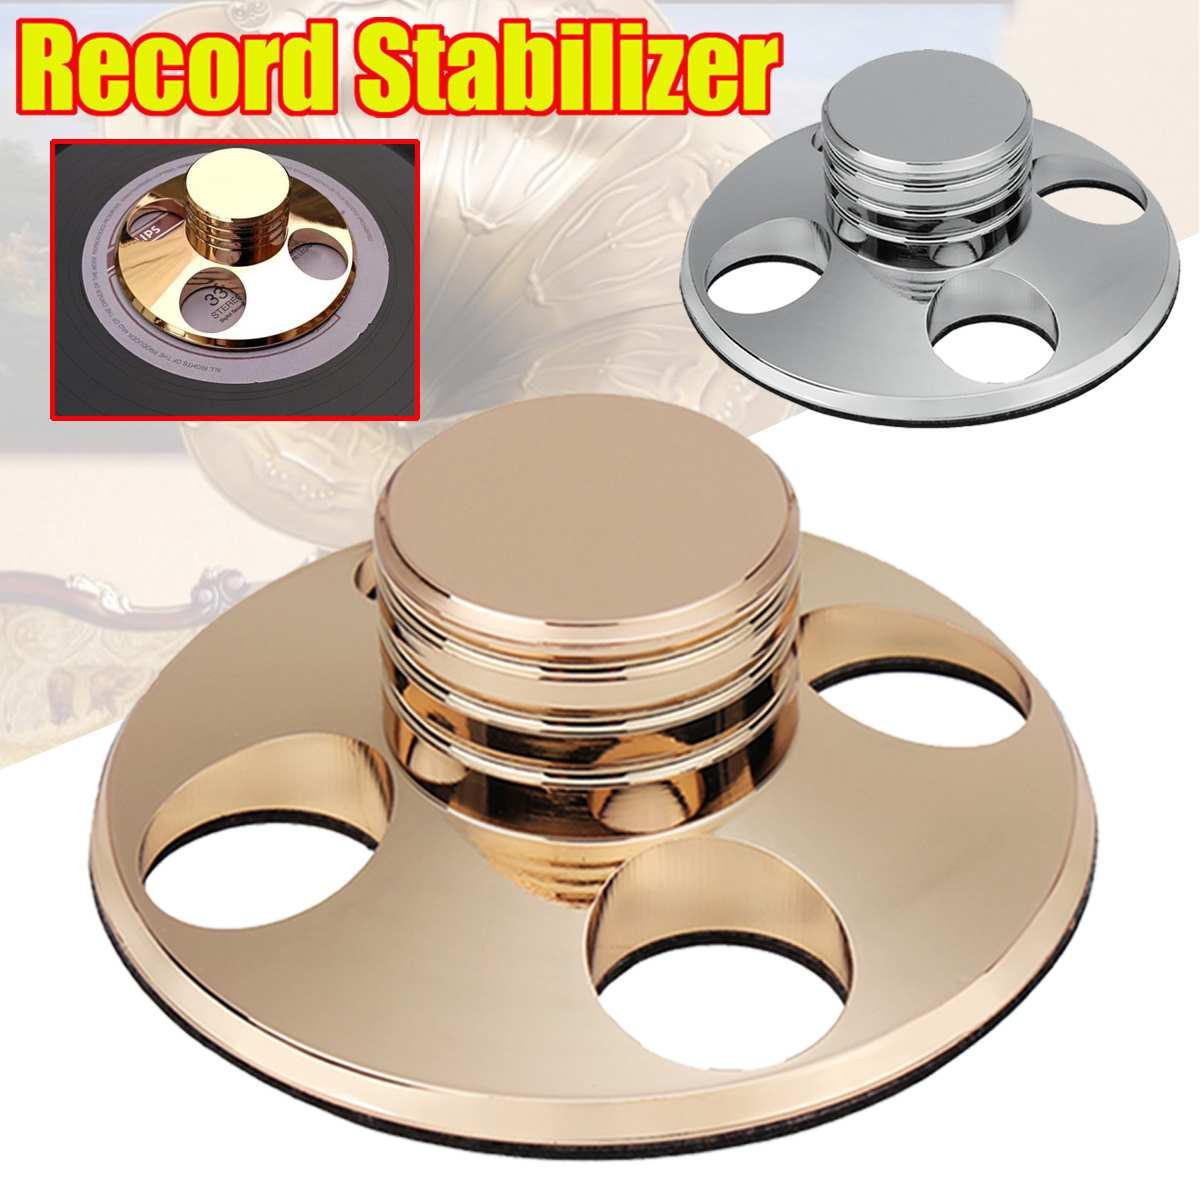 Gewidmet 1 Pc Stilvolle Plattenspieler Kupfer Disc Record Stabilisator Clamp Für Lp Vinyl Record Player Silber Gold Farbe Rekord Vibration Ausgewogene Tragbares Audio & Video